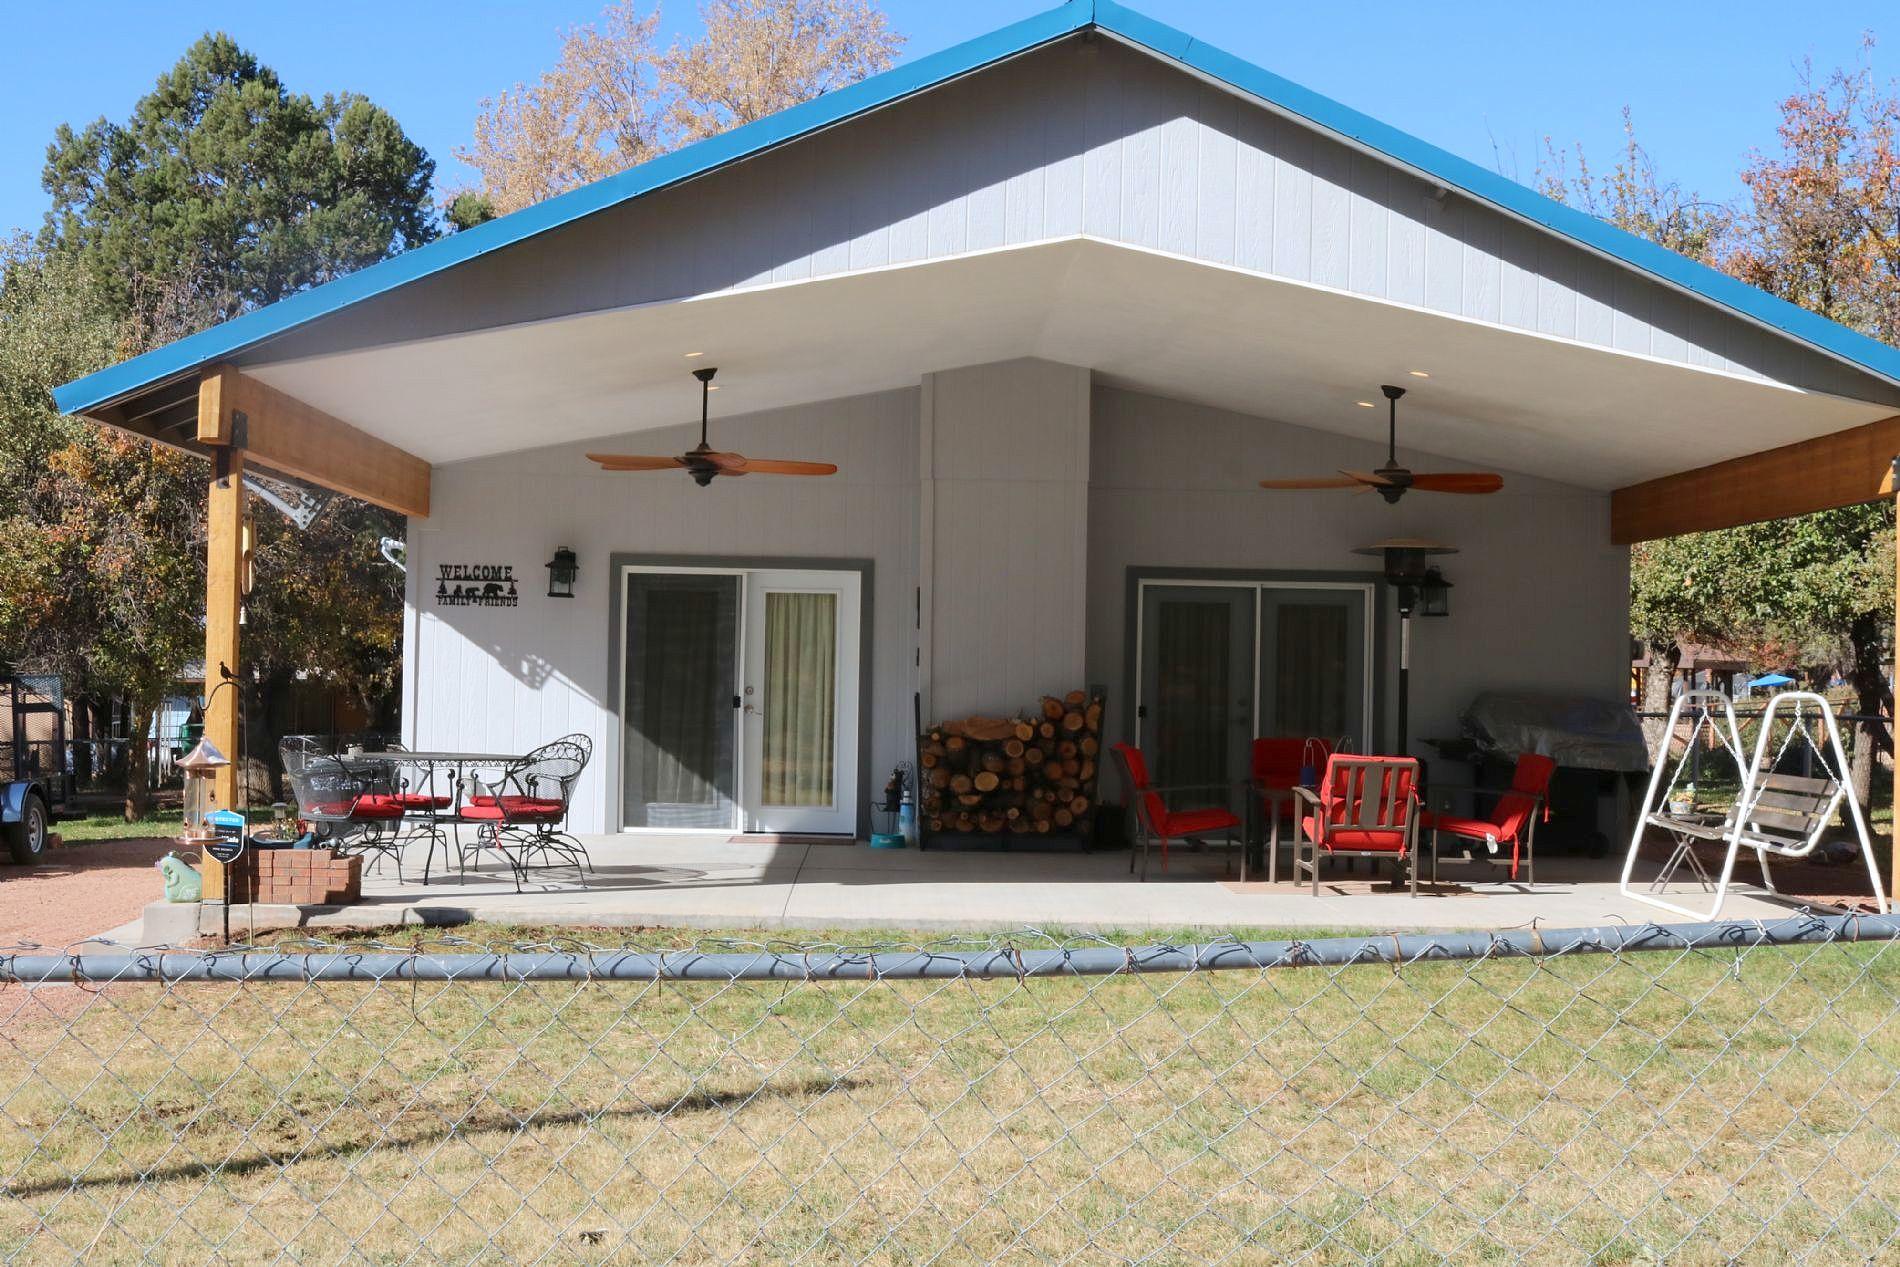 3 Bedrooms / 2 Bathrooms - Est. $2,548.00 / Month* for rent in Payson, AZ